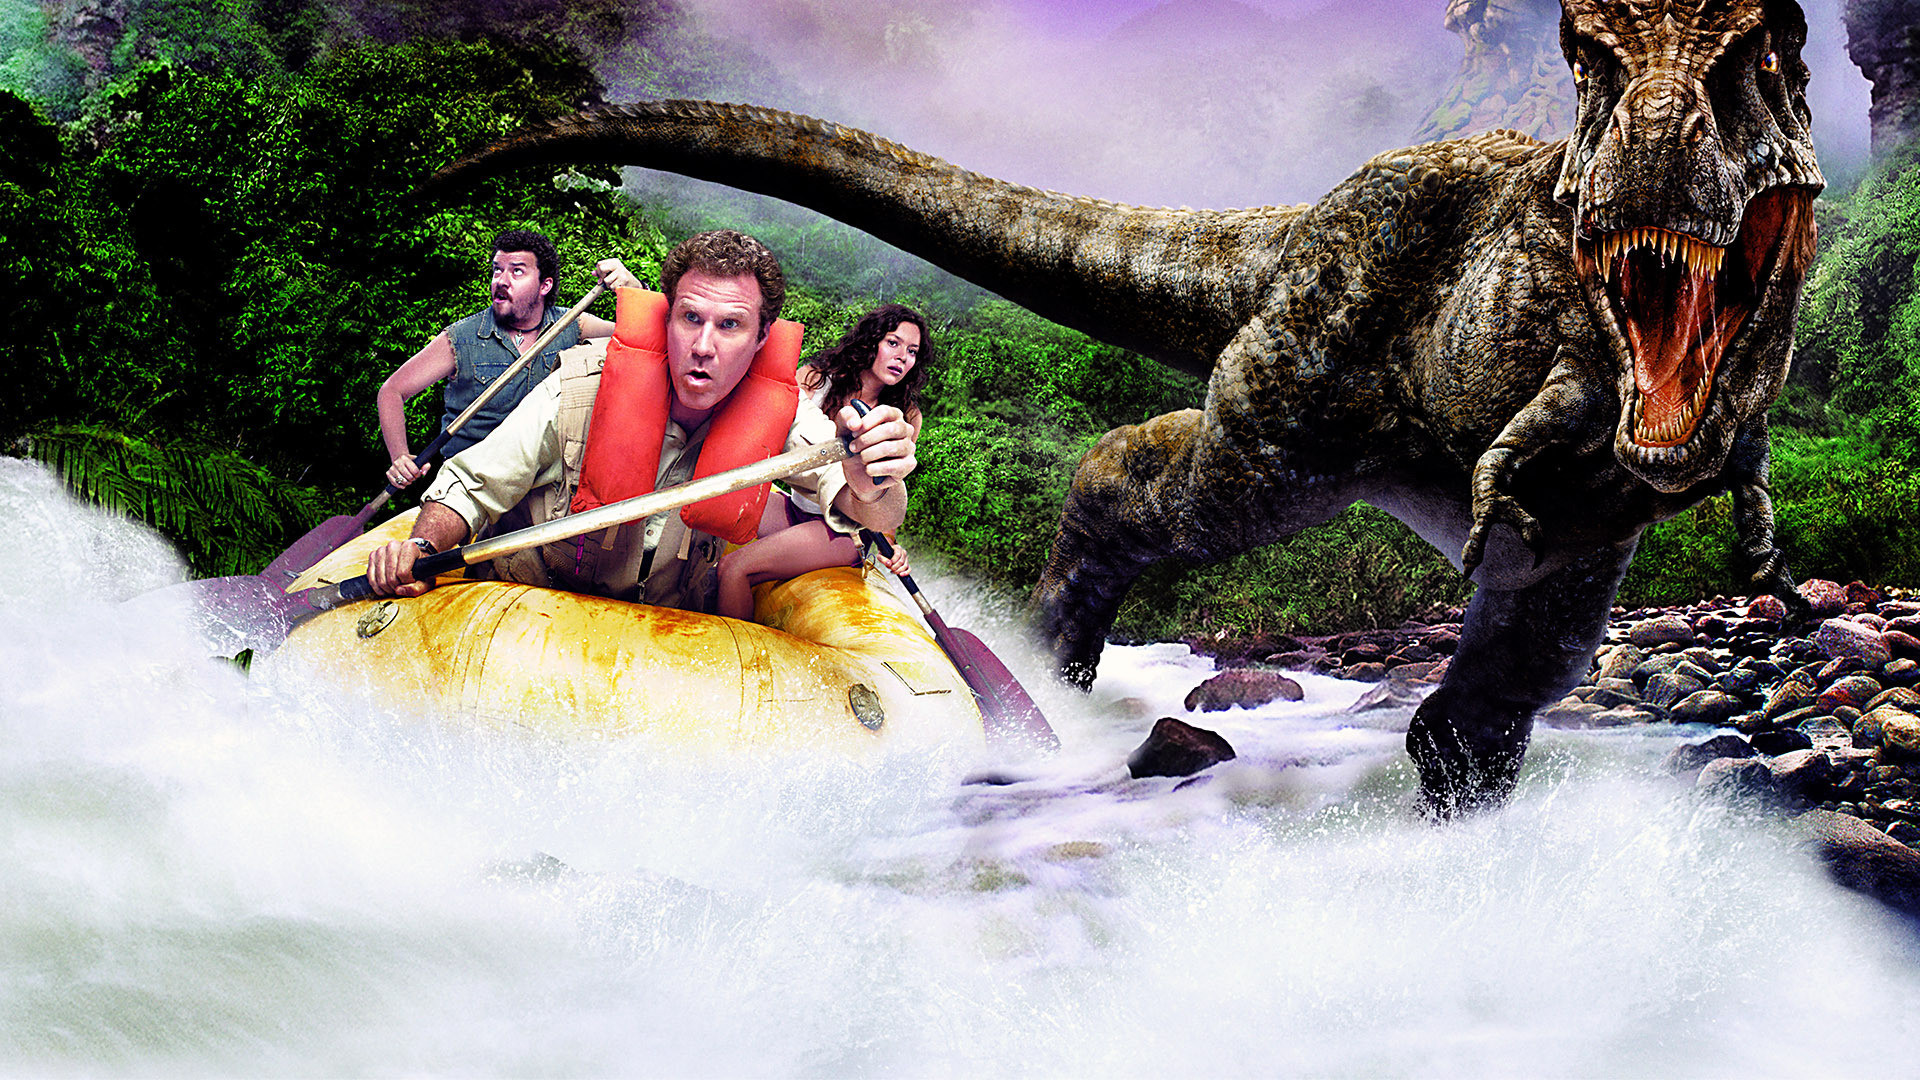 городе приключения с динозаврами картинки традиционно являлся непременным